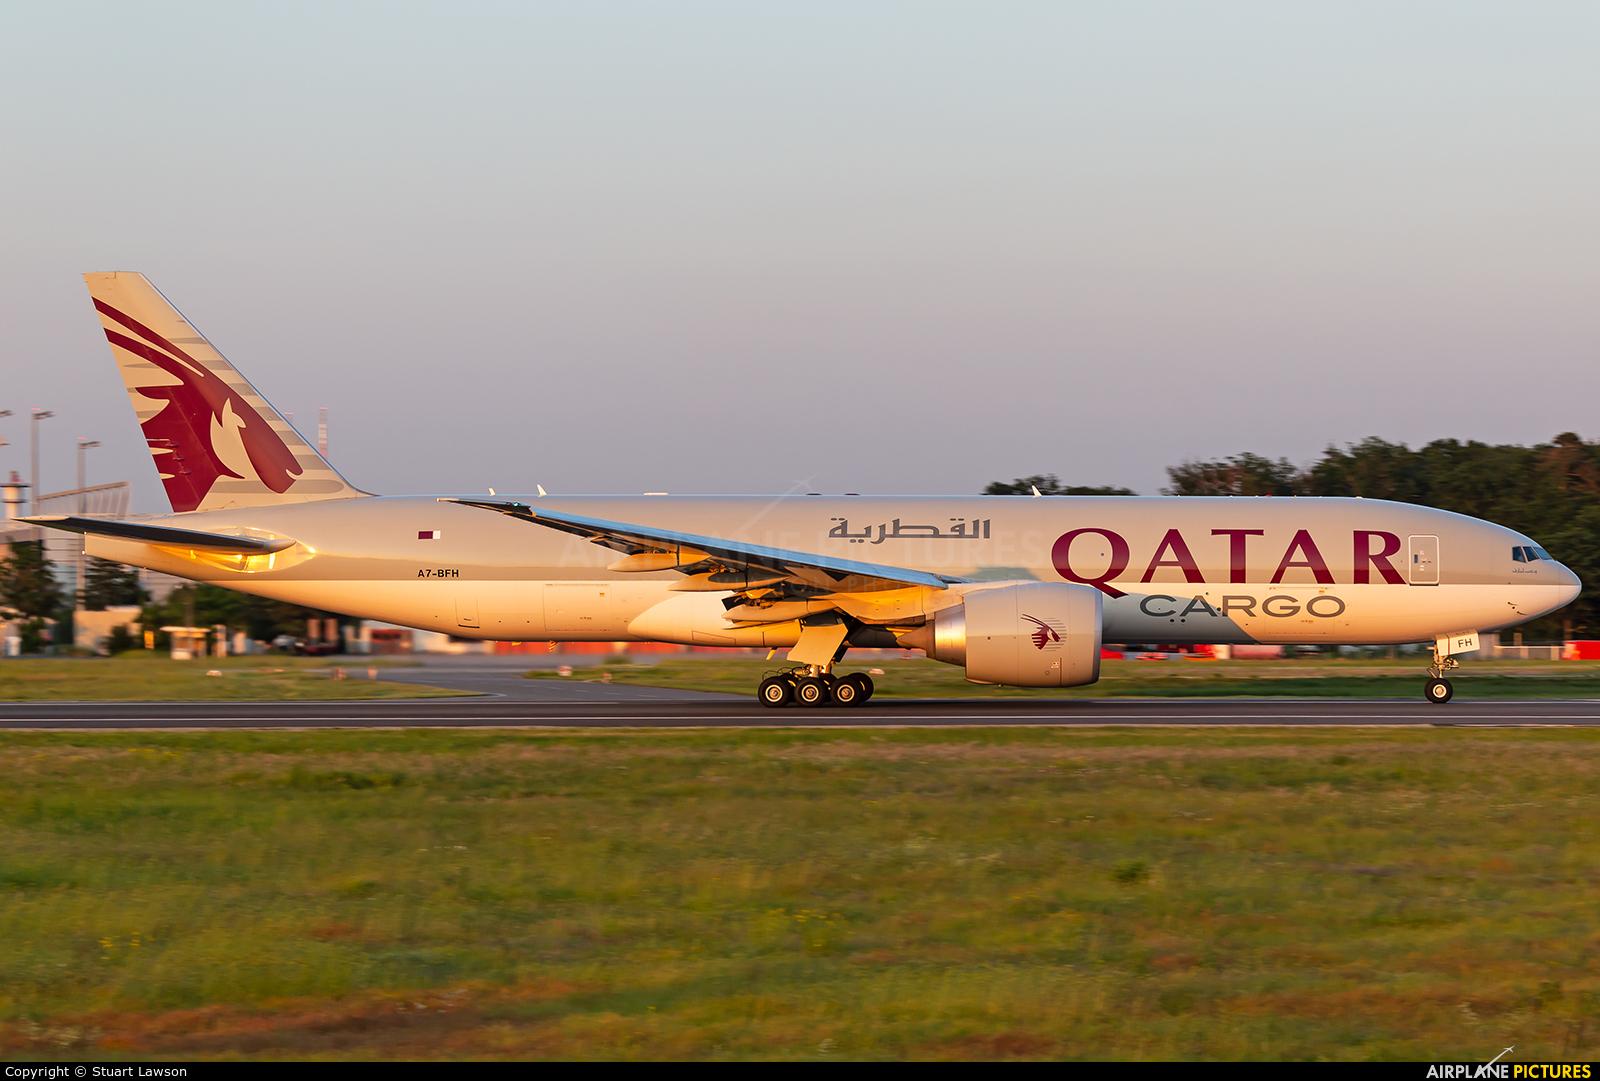 Qatar Airways Cargo A7-BFH aircraft at Frankfurt